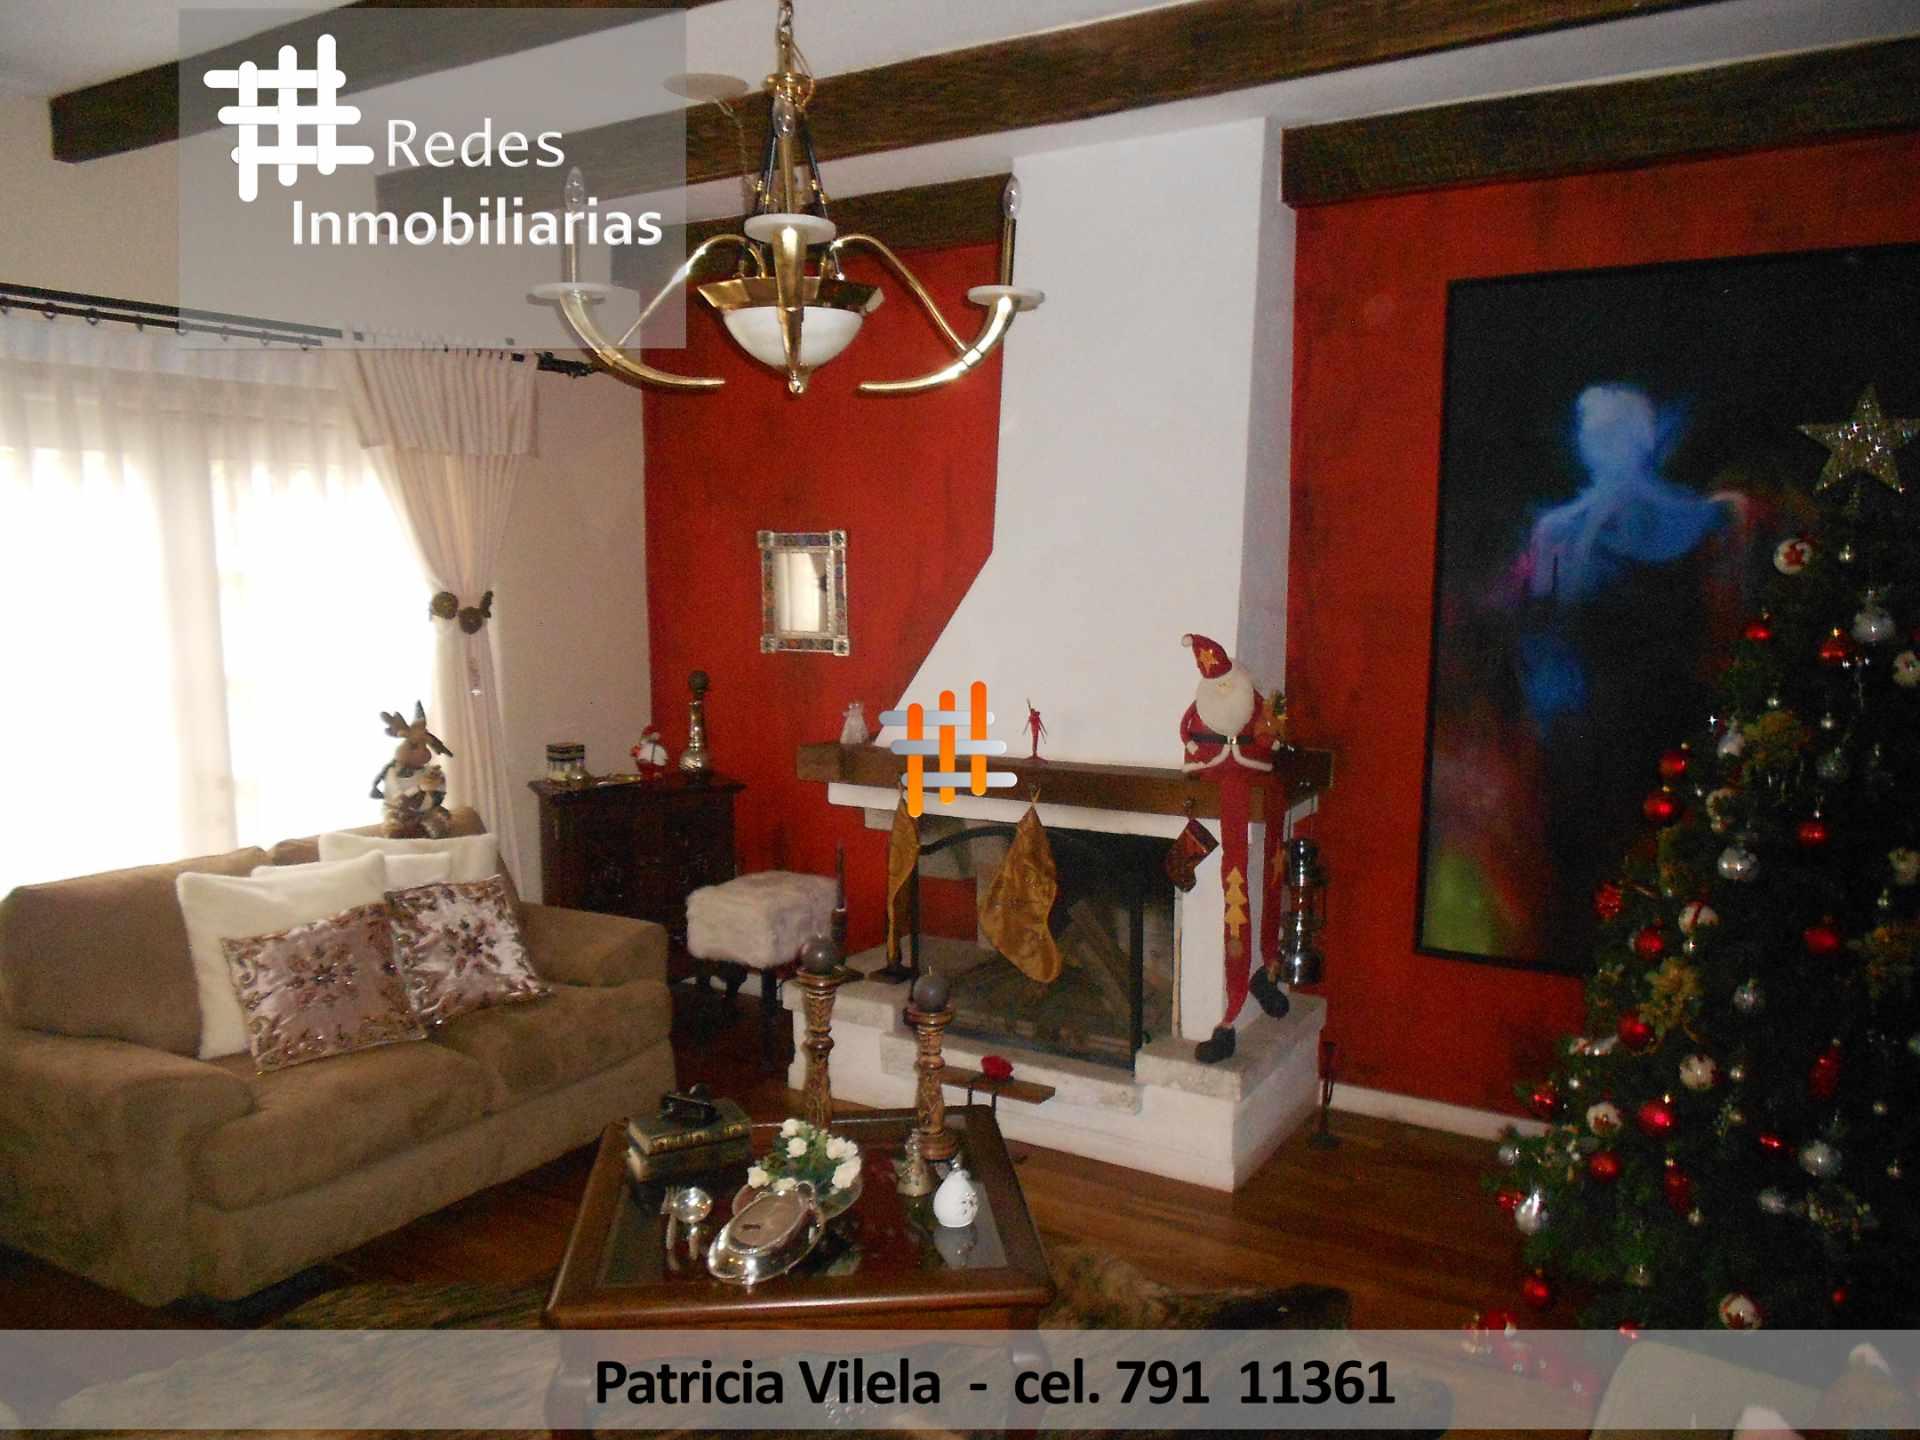 Casa en Venta HERMOSA CASA EN VENTA EN ACHUMANI URBANIZACION PRIVADA UNICA EN SU ESTILO TOTALMENTE AUTENTICA HERMOSA  Foto 3